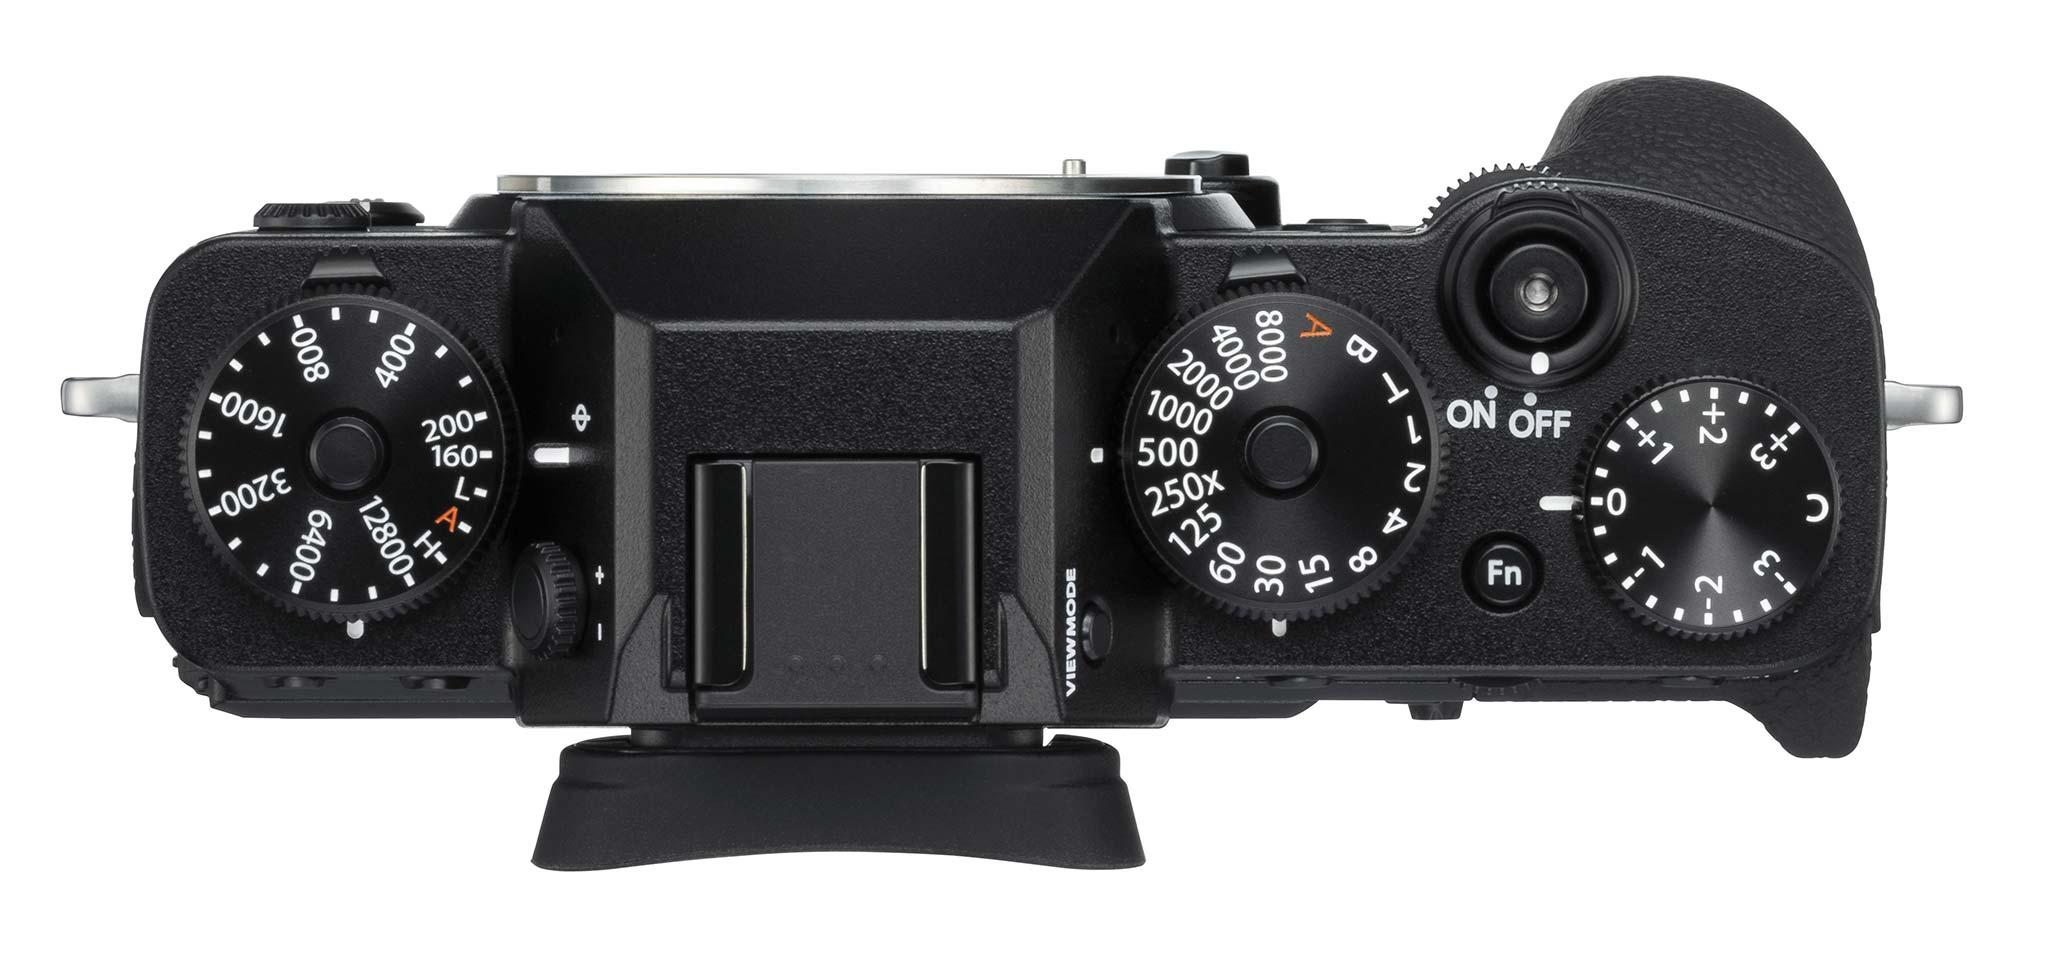 Fujifilm_X-T3_tinhte_10.jpg